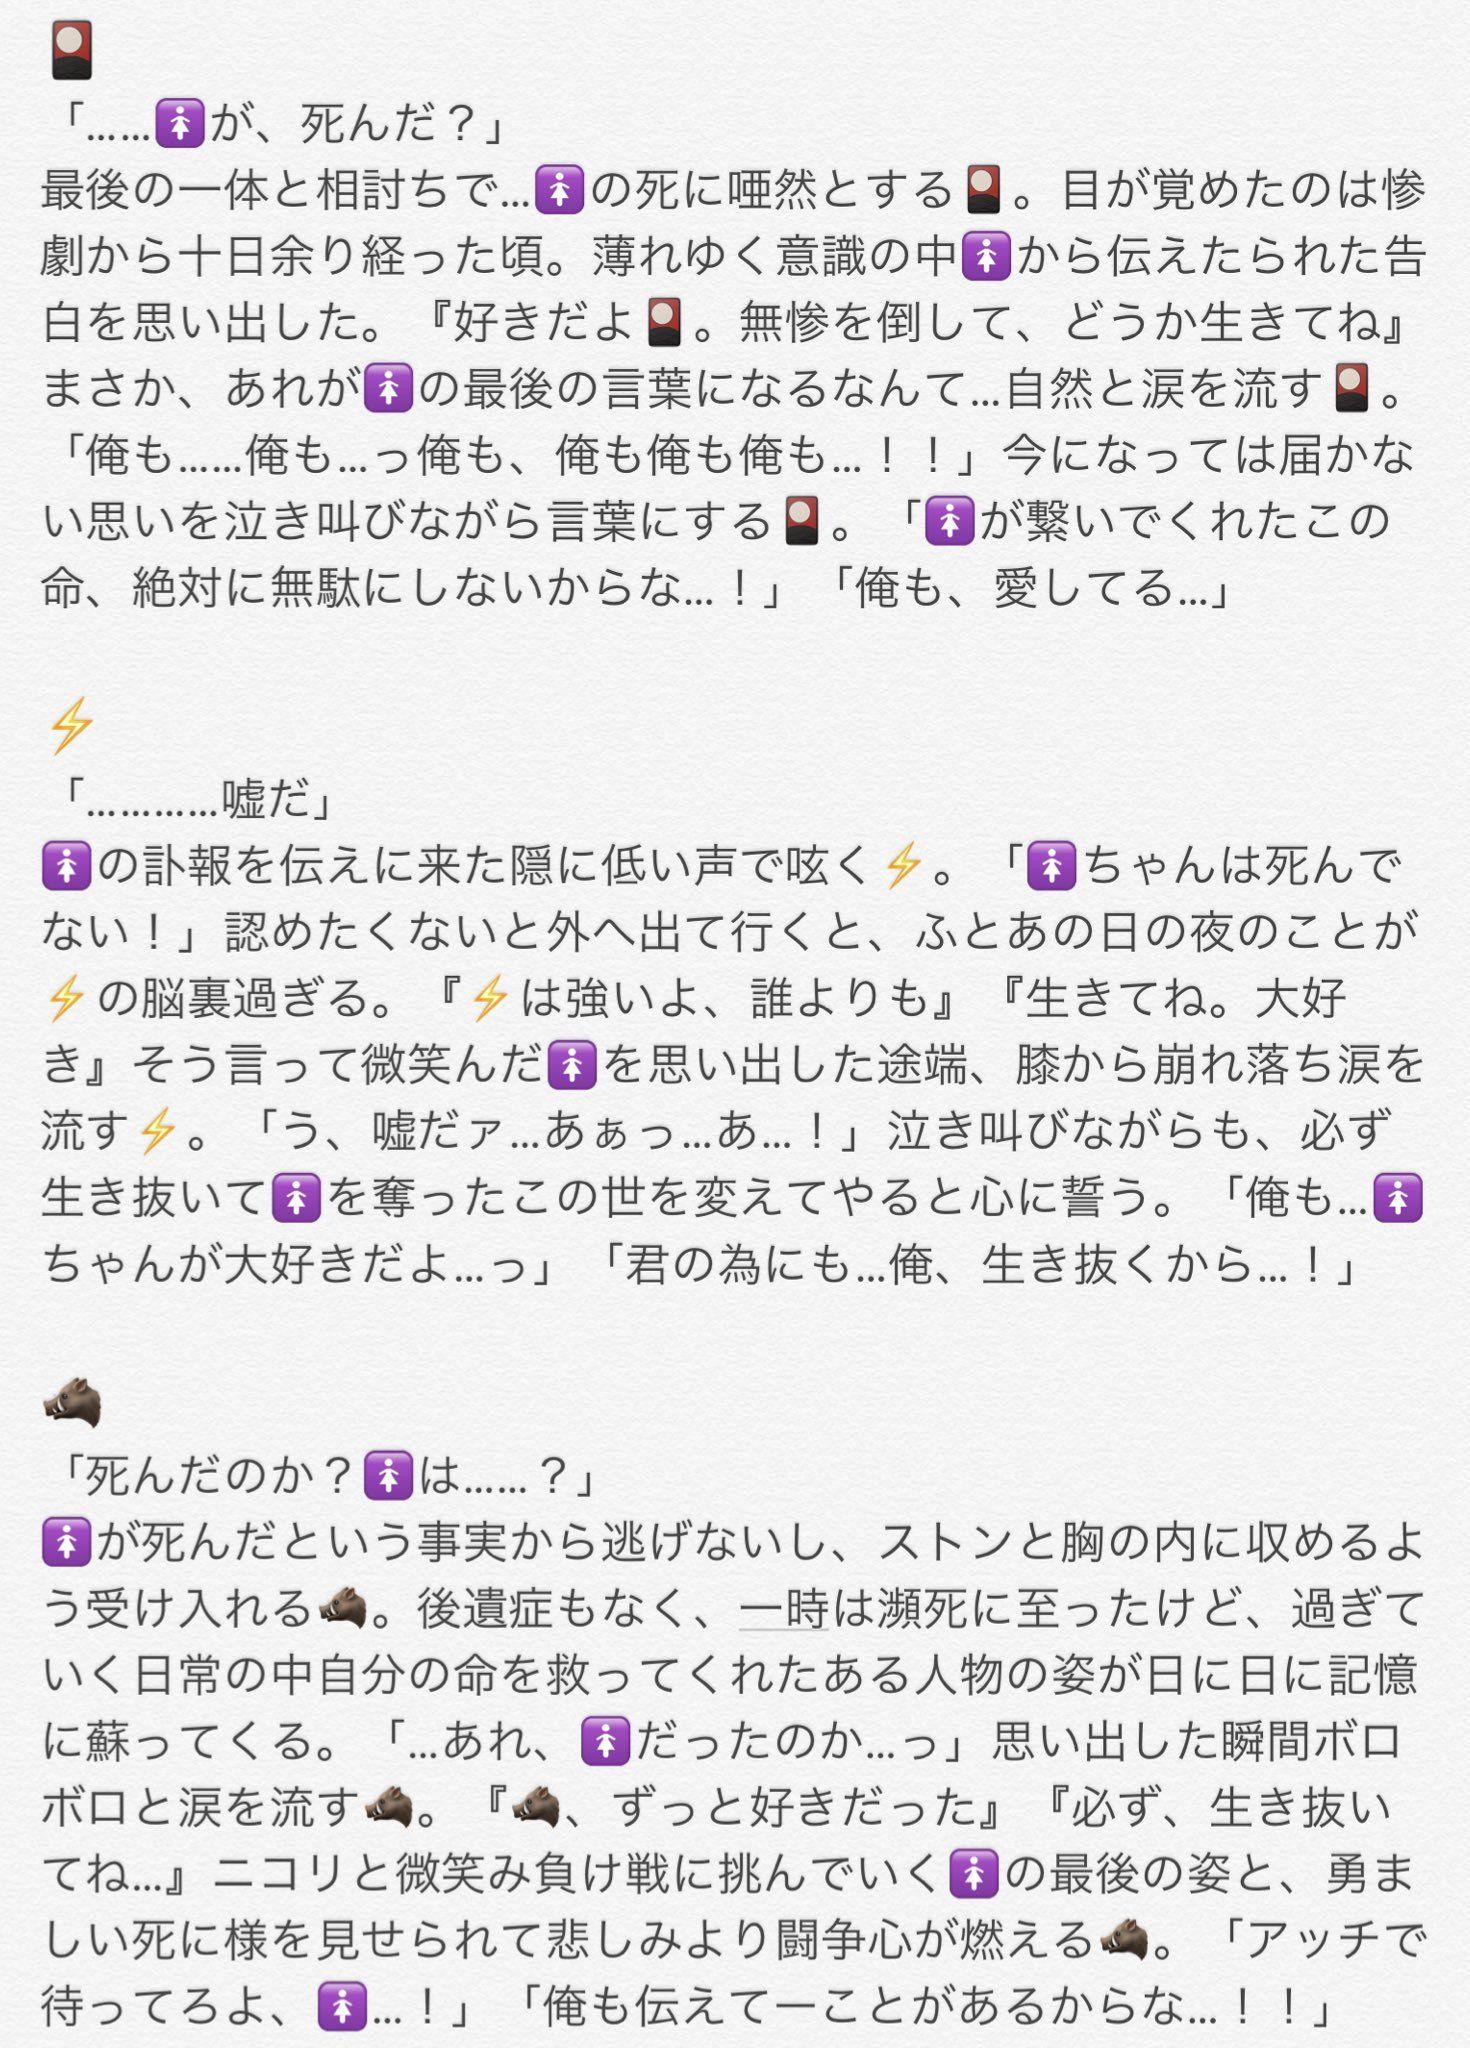 ハイキュー 鬼 滅 の 刃 夢 小説